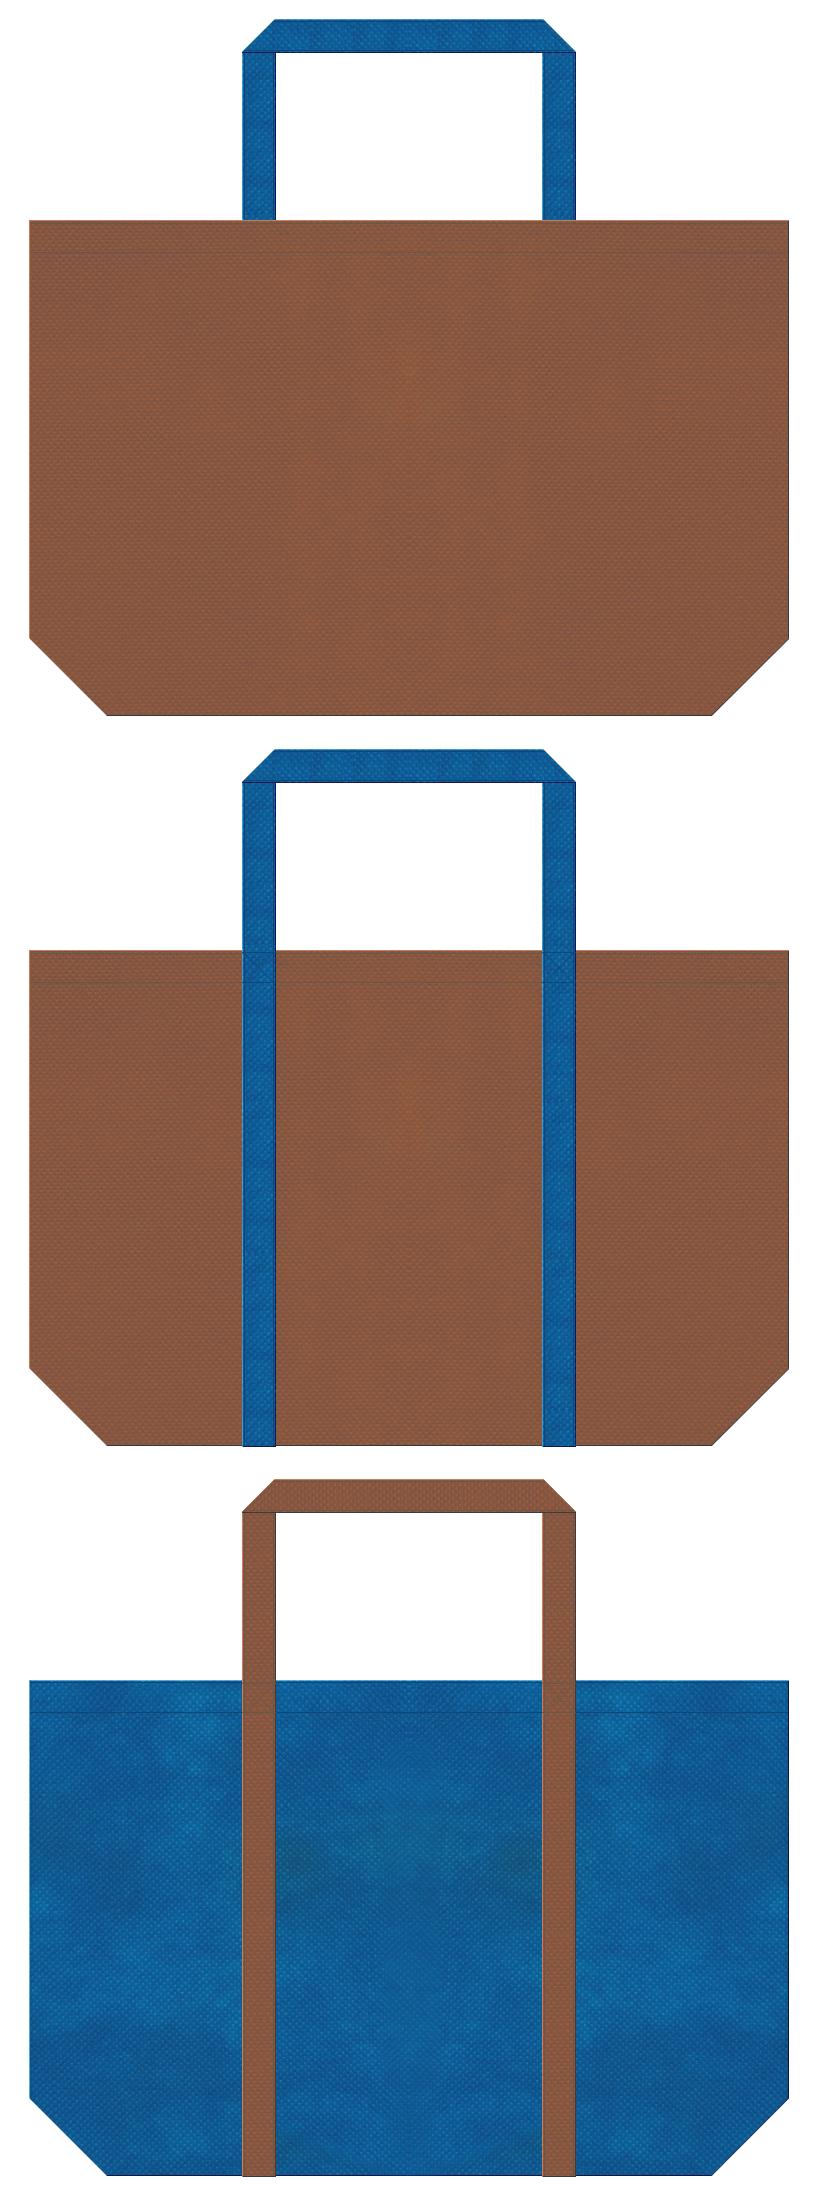 茶色と青色の不織布ショッピングバッグデザイン。